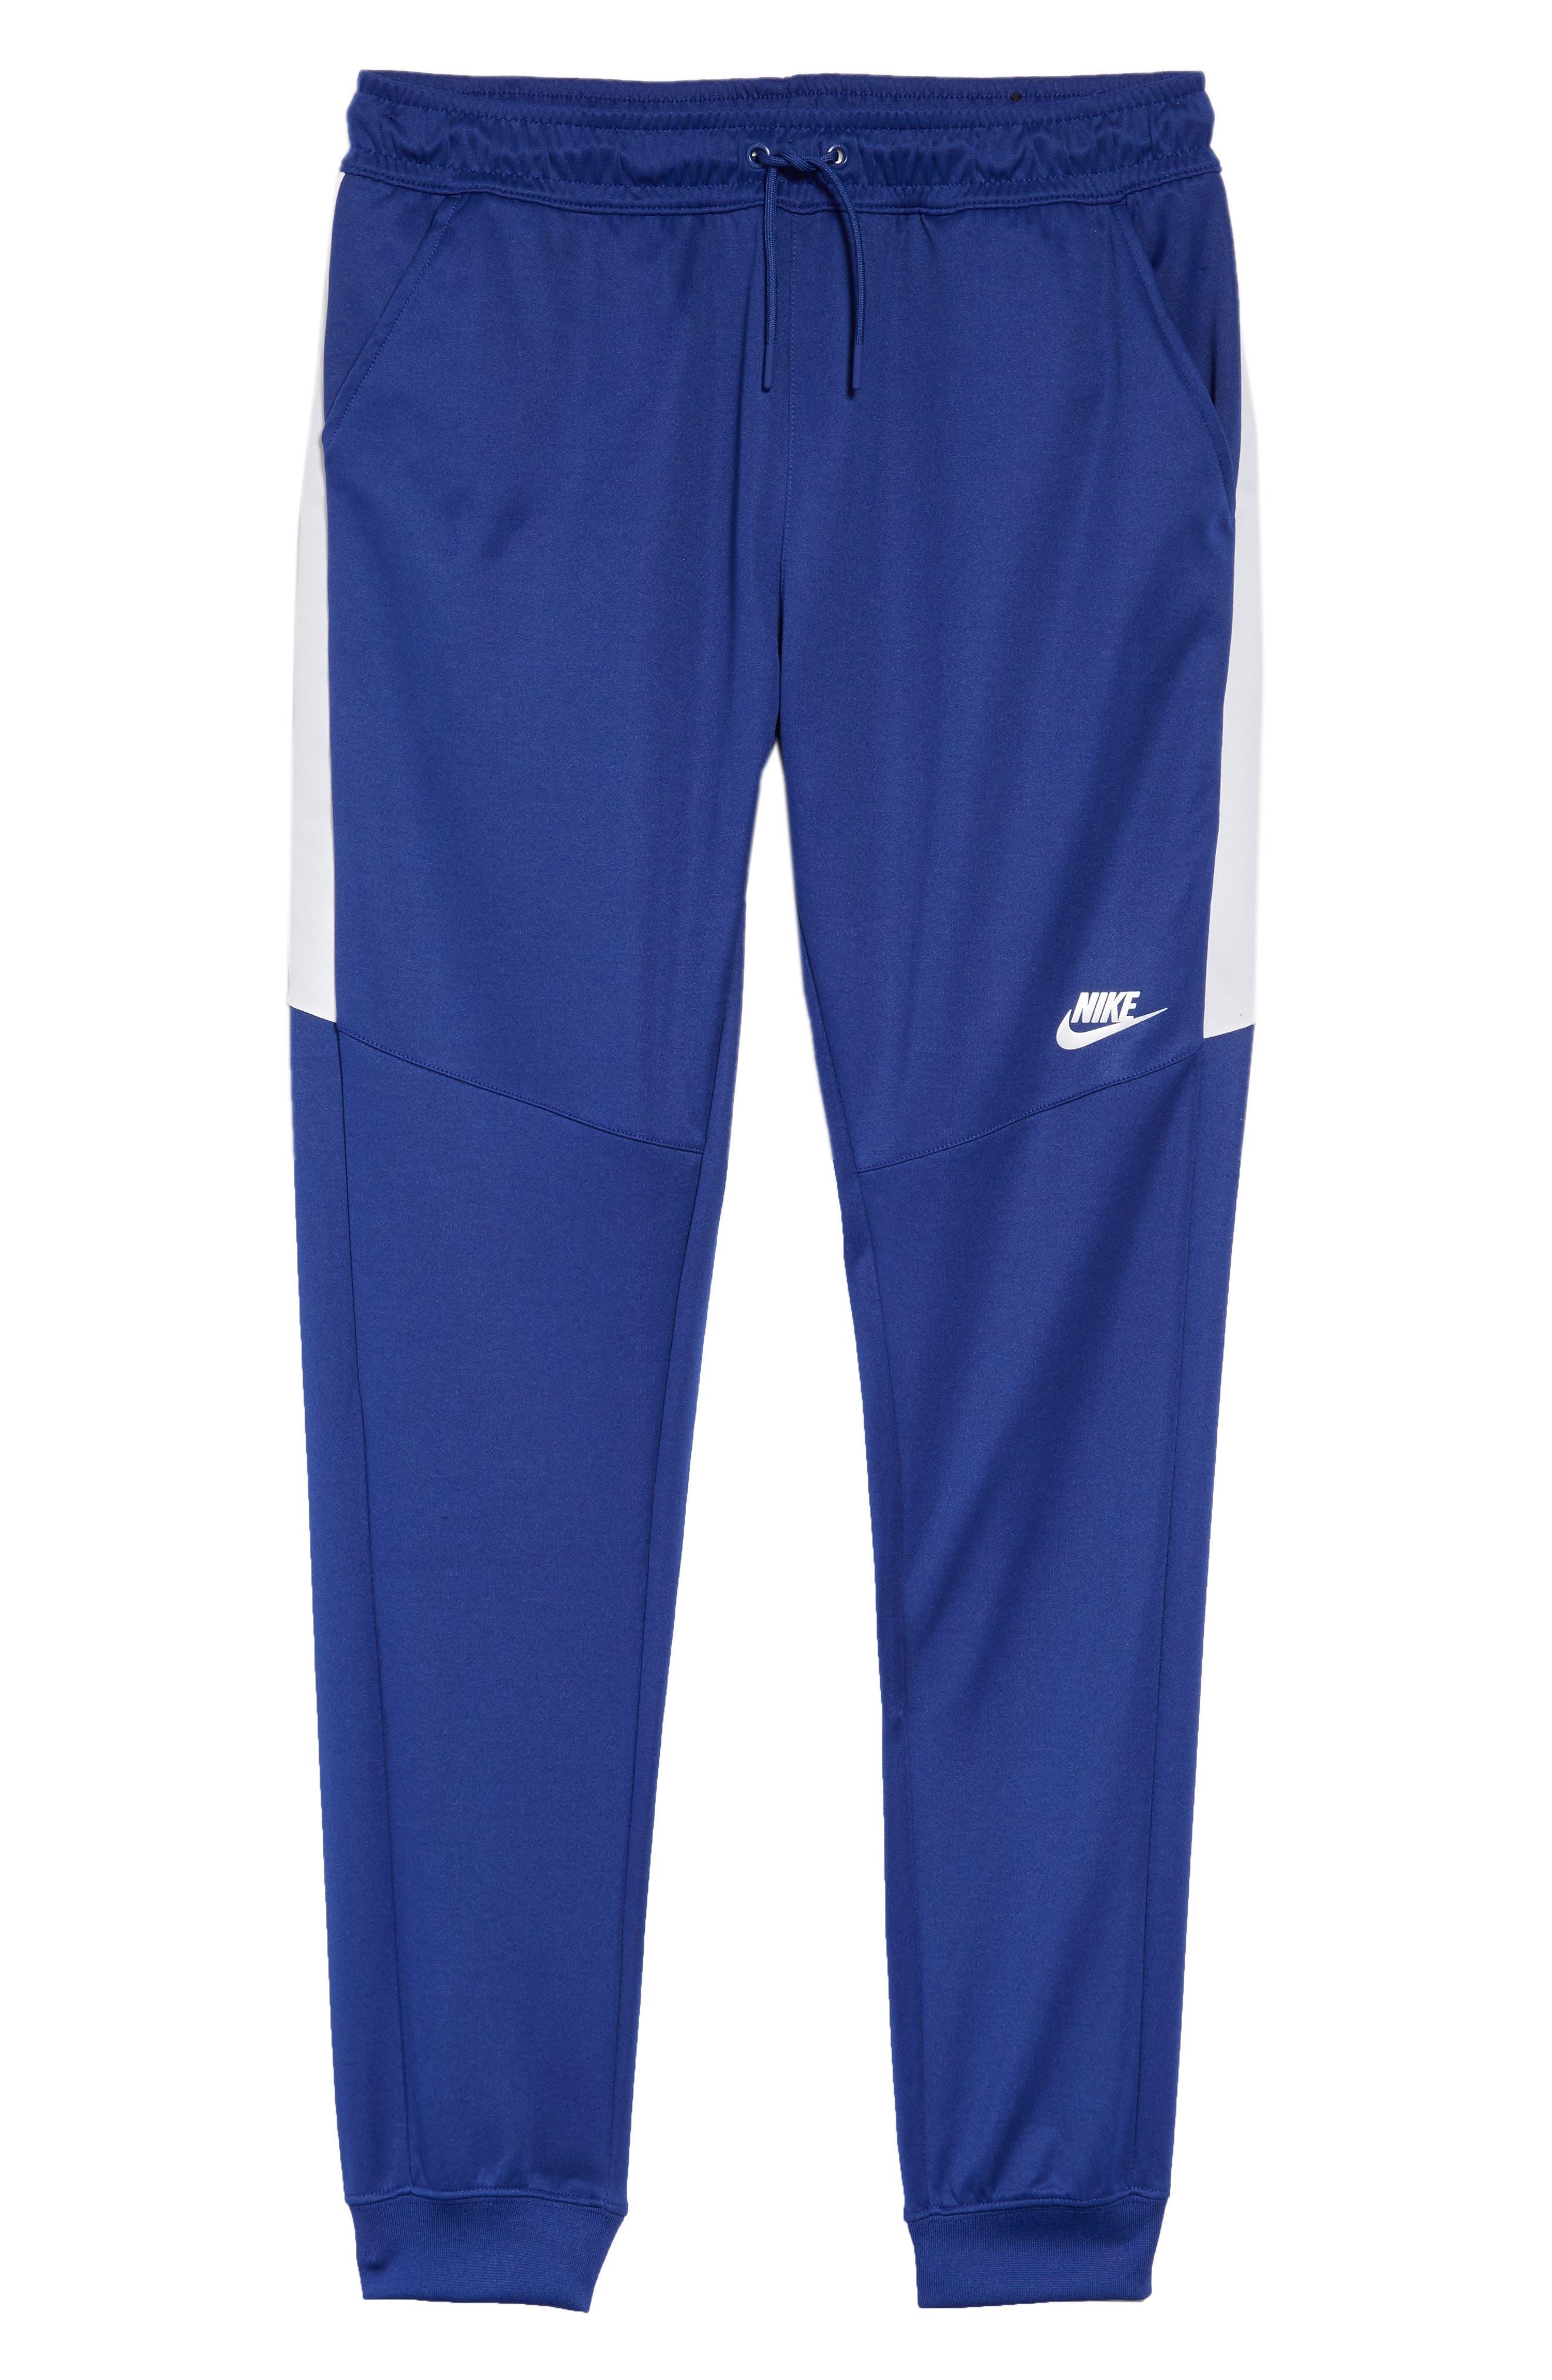 Tribute Jogger Pants,                             Alternate thumbnail 6, color,                             Deep Royal Blue/ White/ White